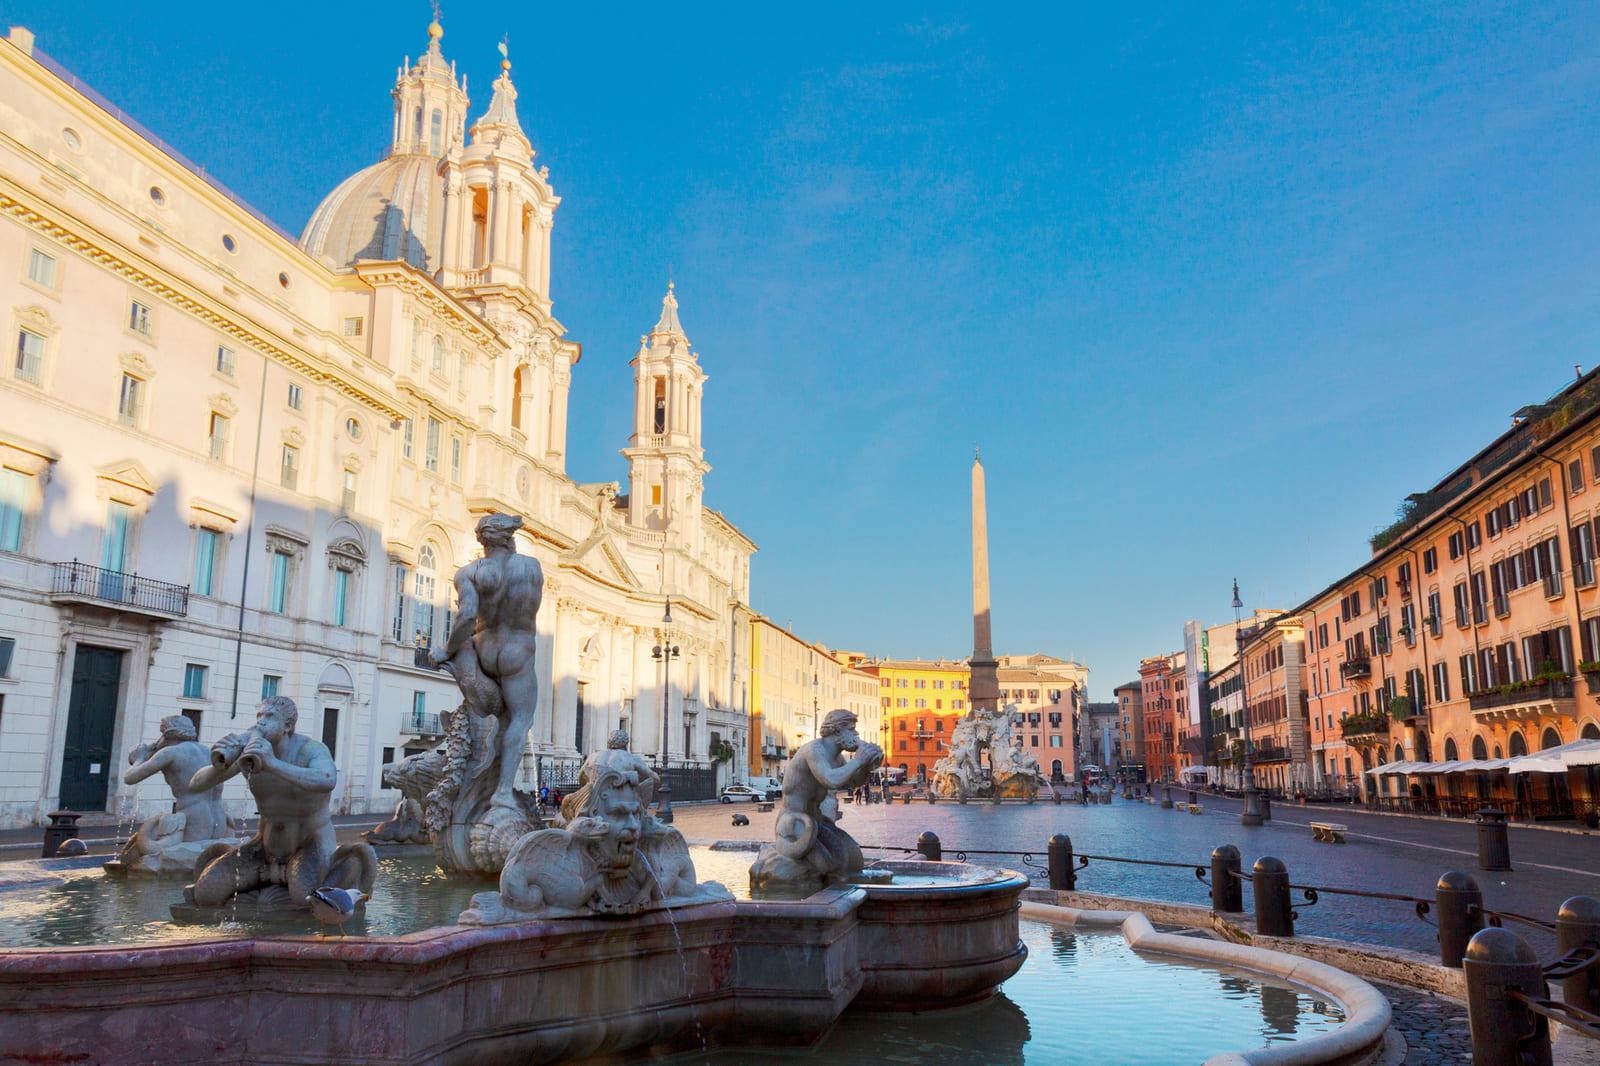 イタリアで人気の観光スポット40選